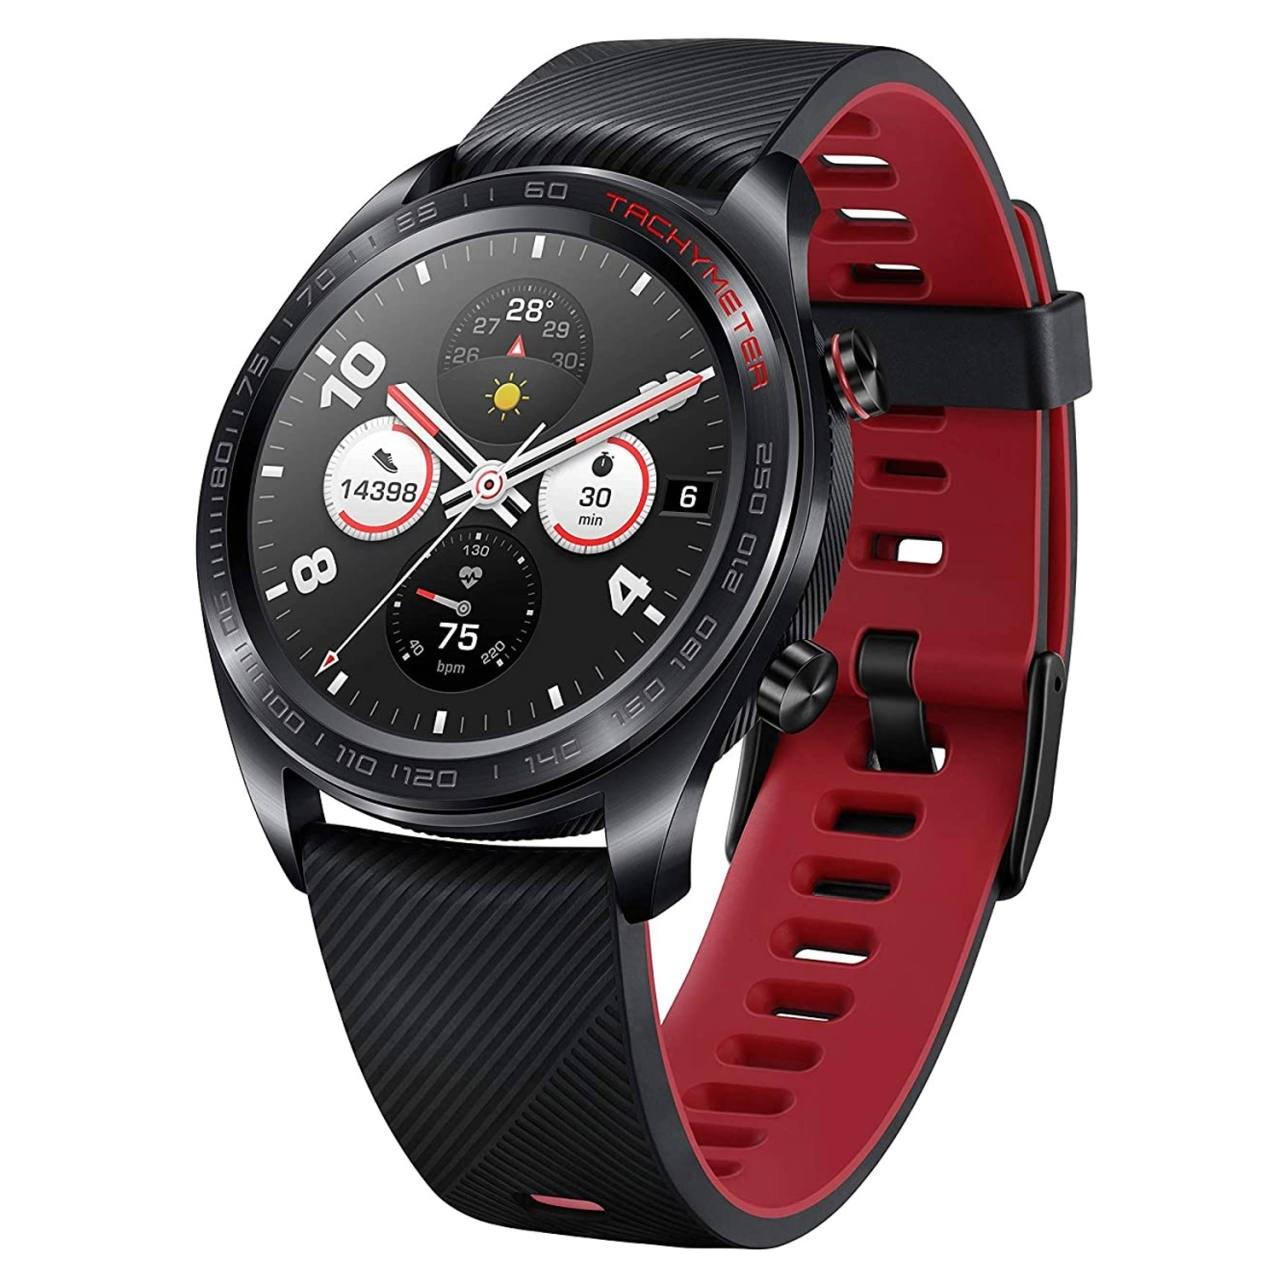 تصویر ساعت هوشمند هواوی آنر مجیک Honor Magic ا Huawei Honor Magic Smart Watch Huawei Honor Magic Smart Watch